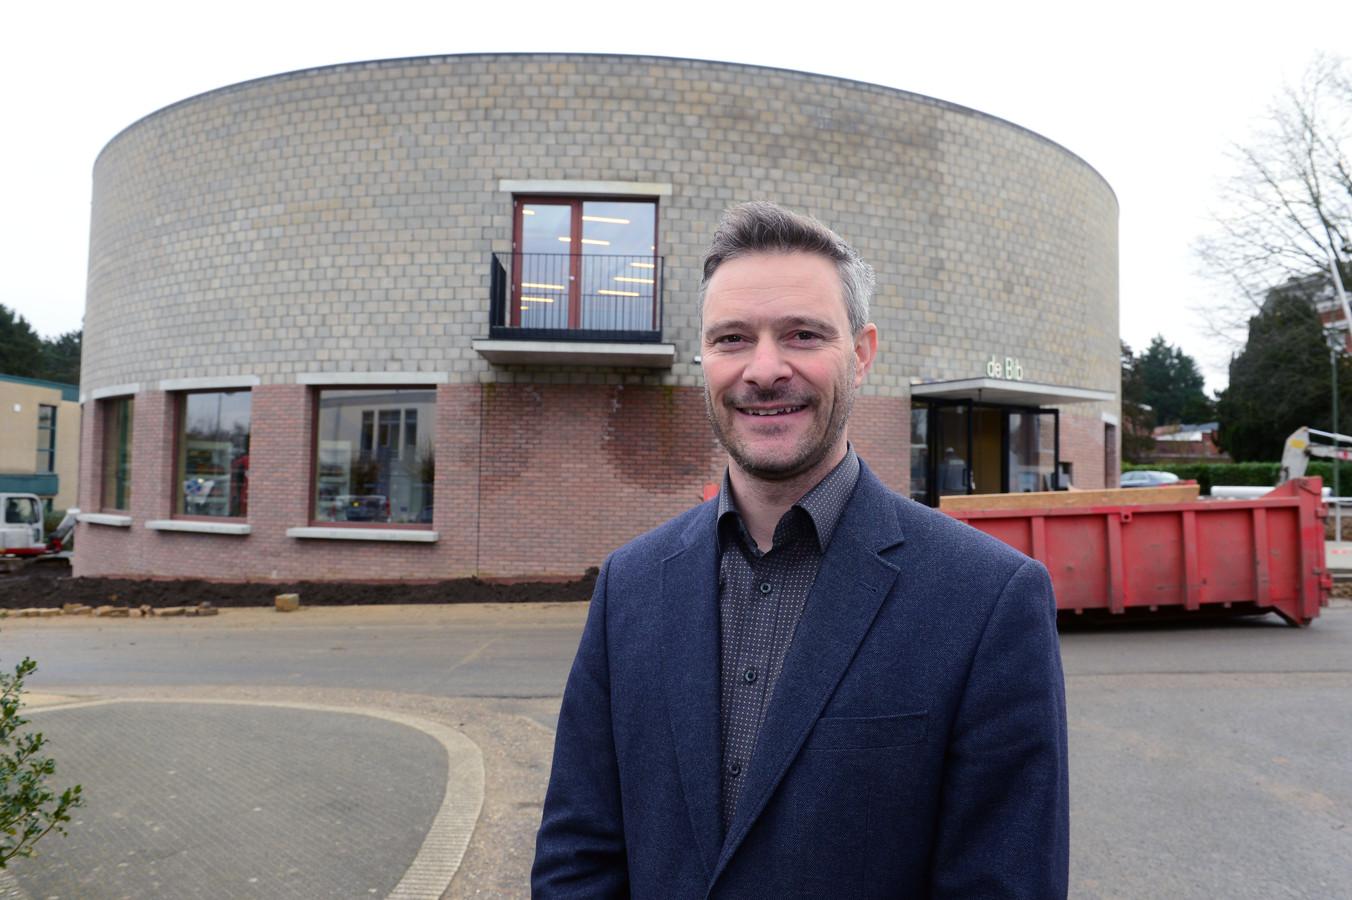 Davy Suffeleers realiseerde als schepen onder meer de nieuwe bibliotheek en feestzaal de voorbije legislatuur.